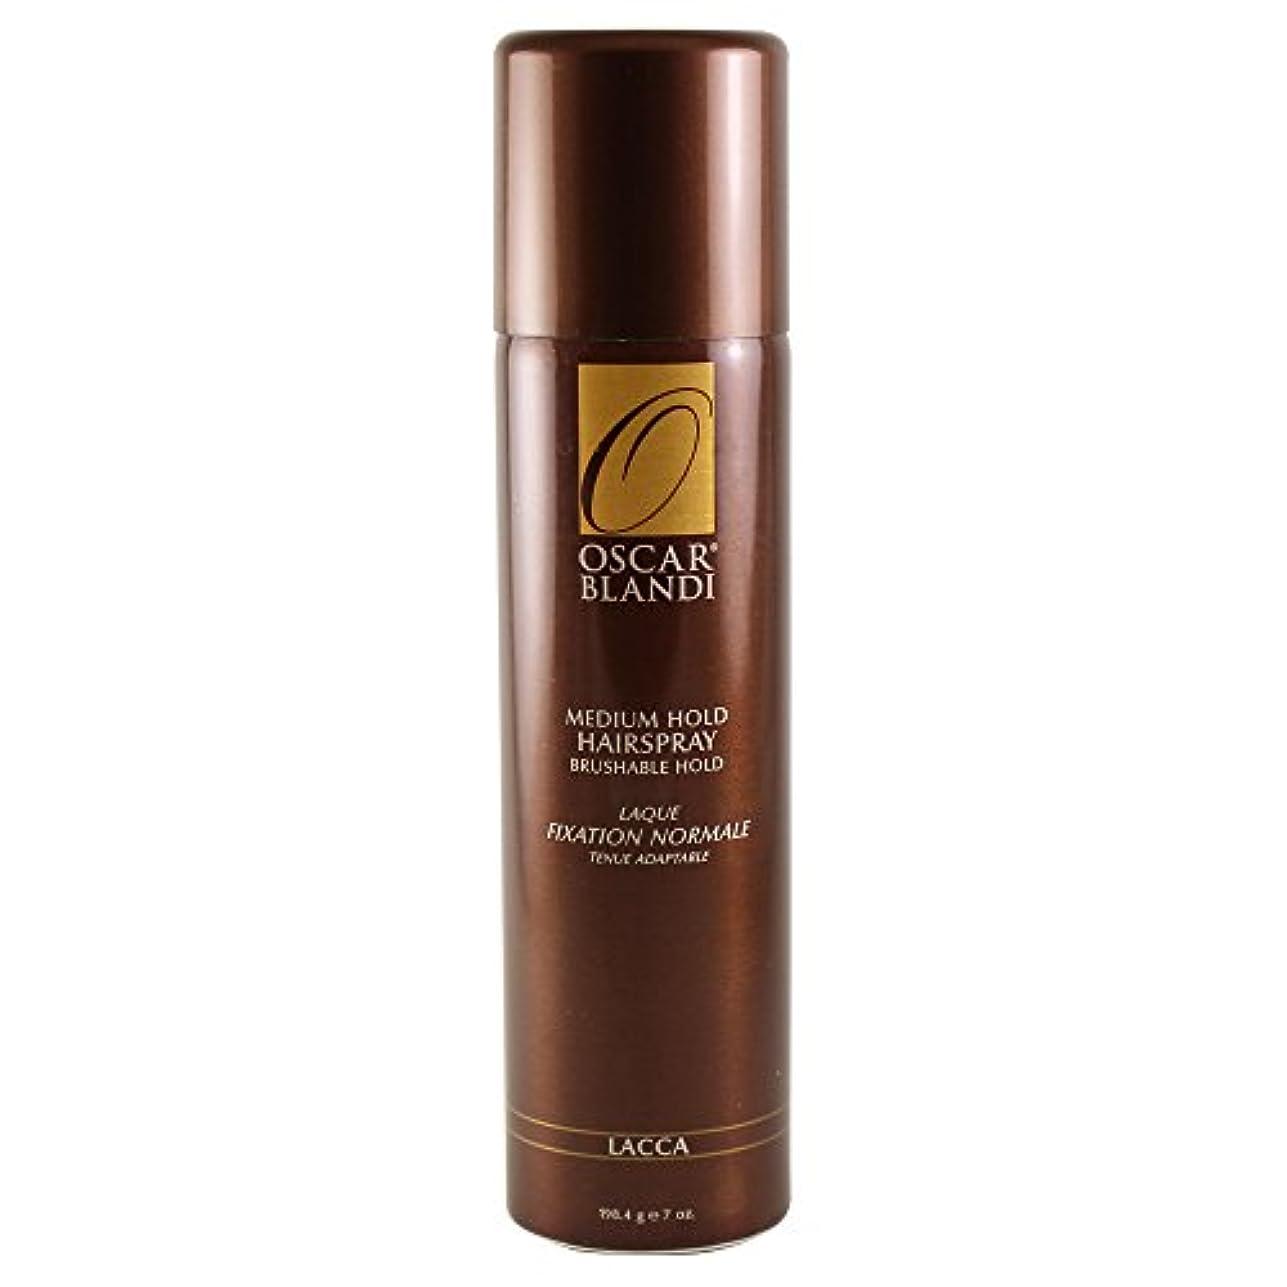 静かに早熟絡まるOscar Blandi Lacca Medium Hold Hairspray - 7 Oz. (並行輸入品)